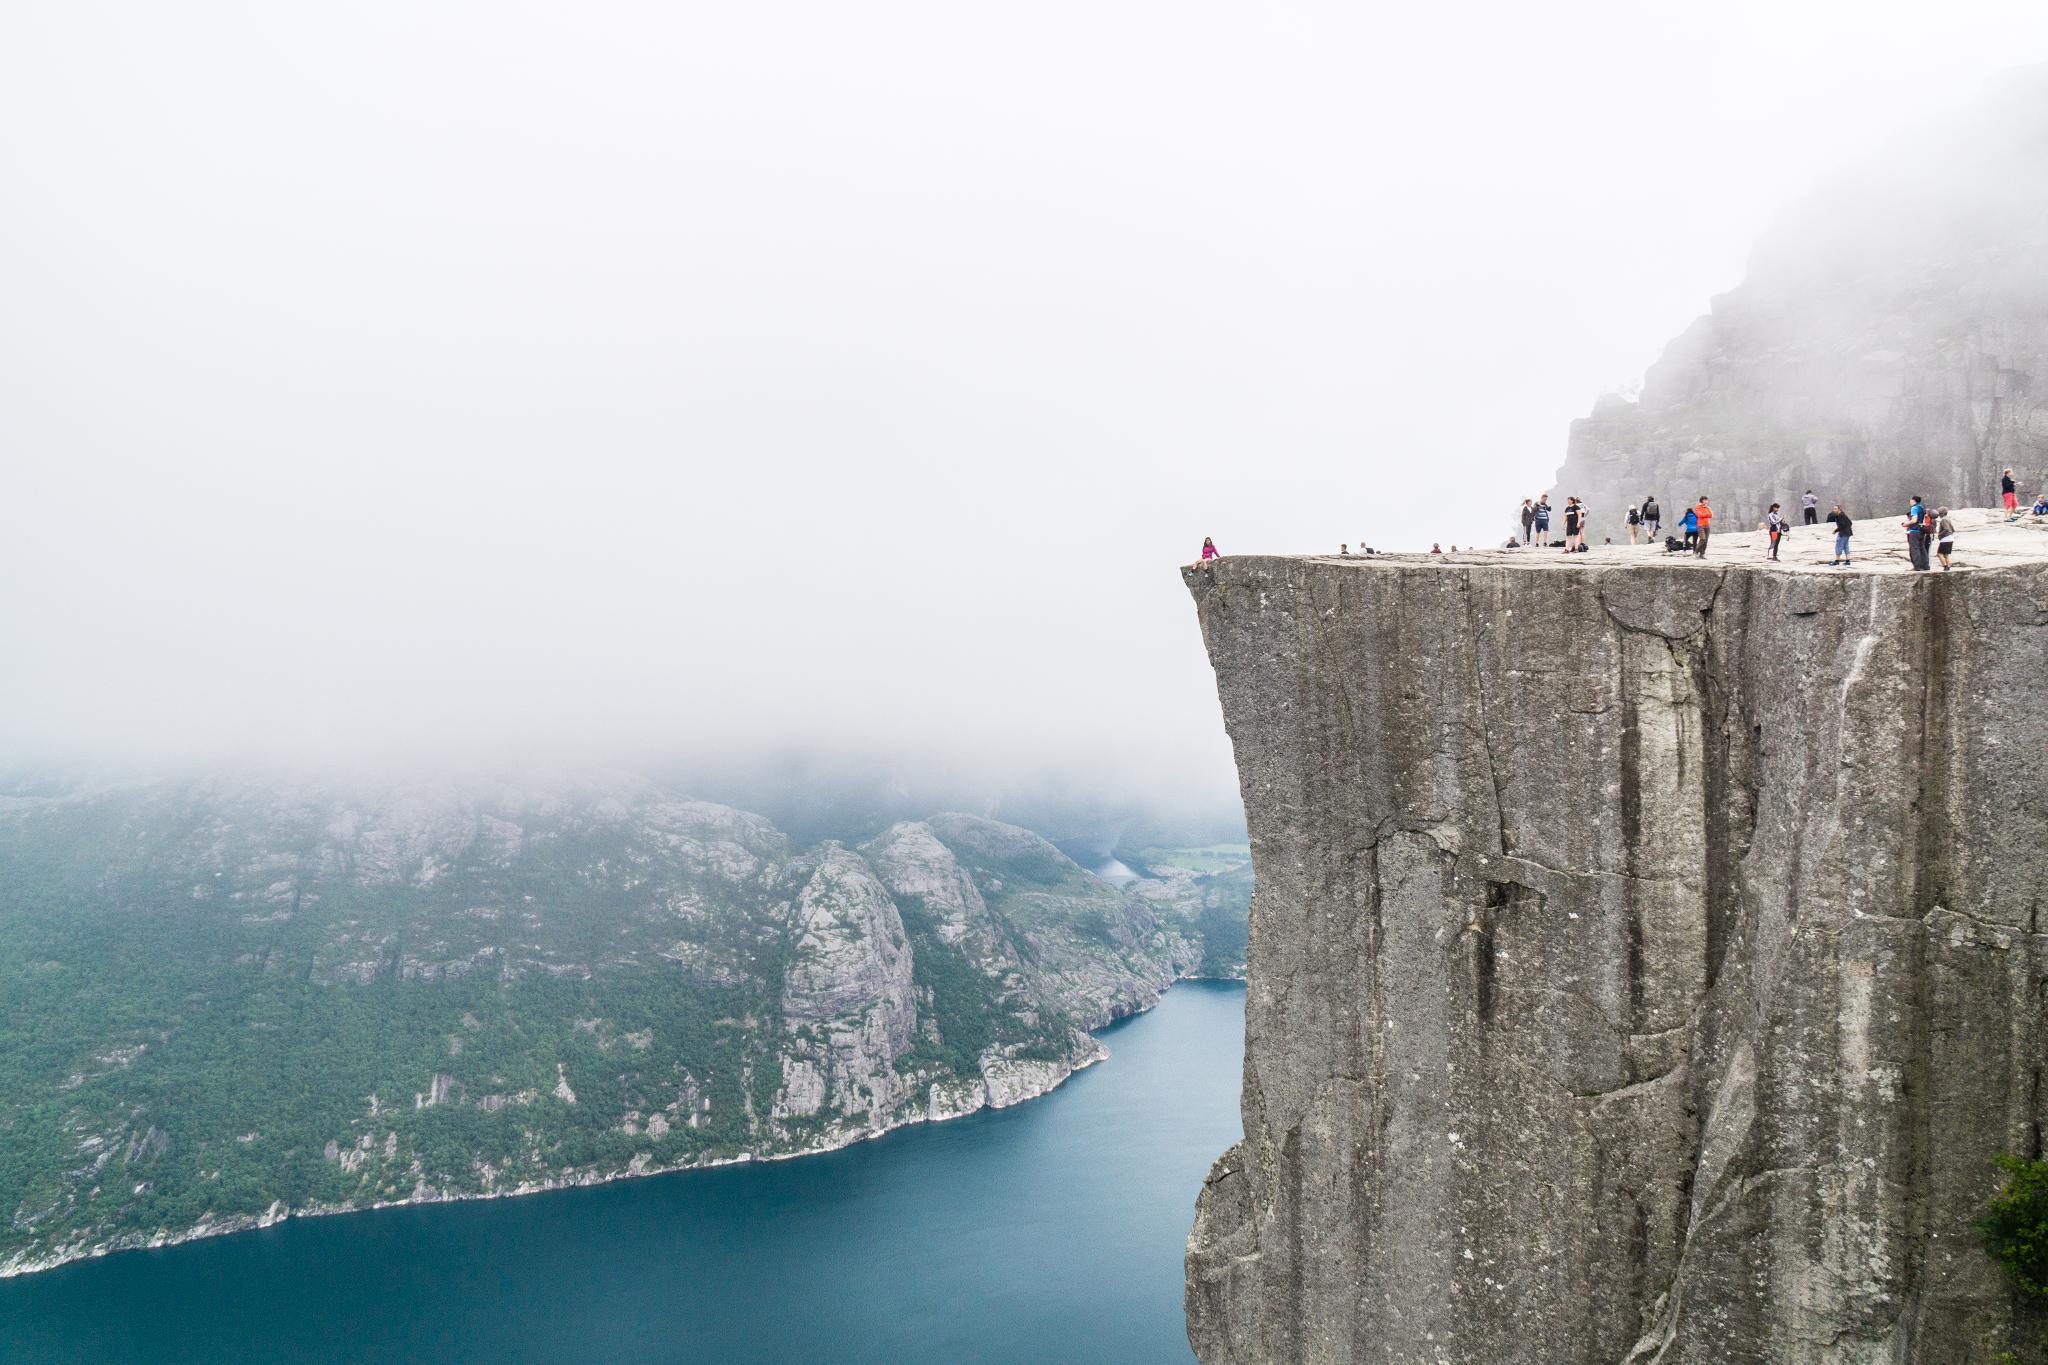 【北歐景點】朝聖挪威三大奇岩:聖壇岩Preikestolen健行紀錄 1